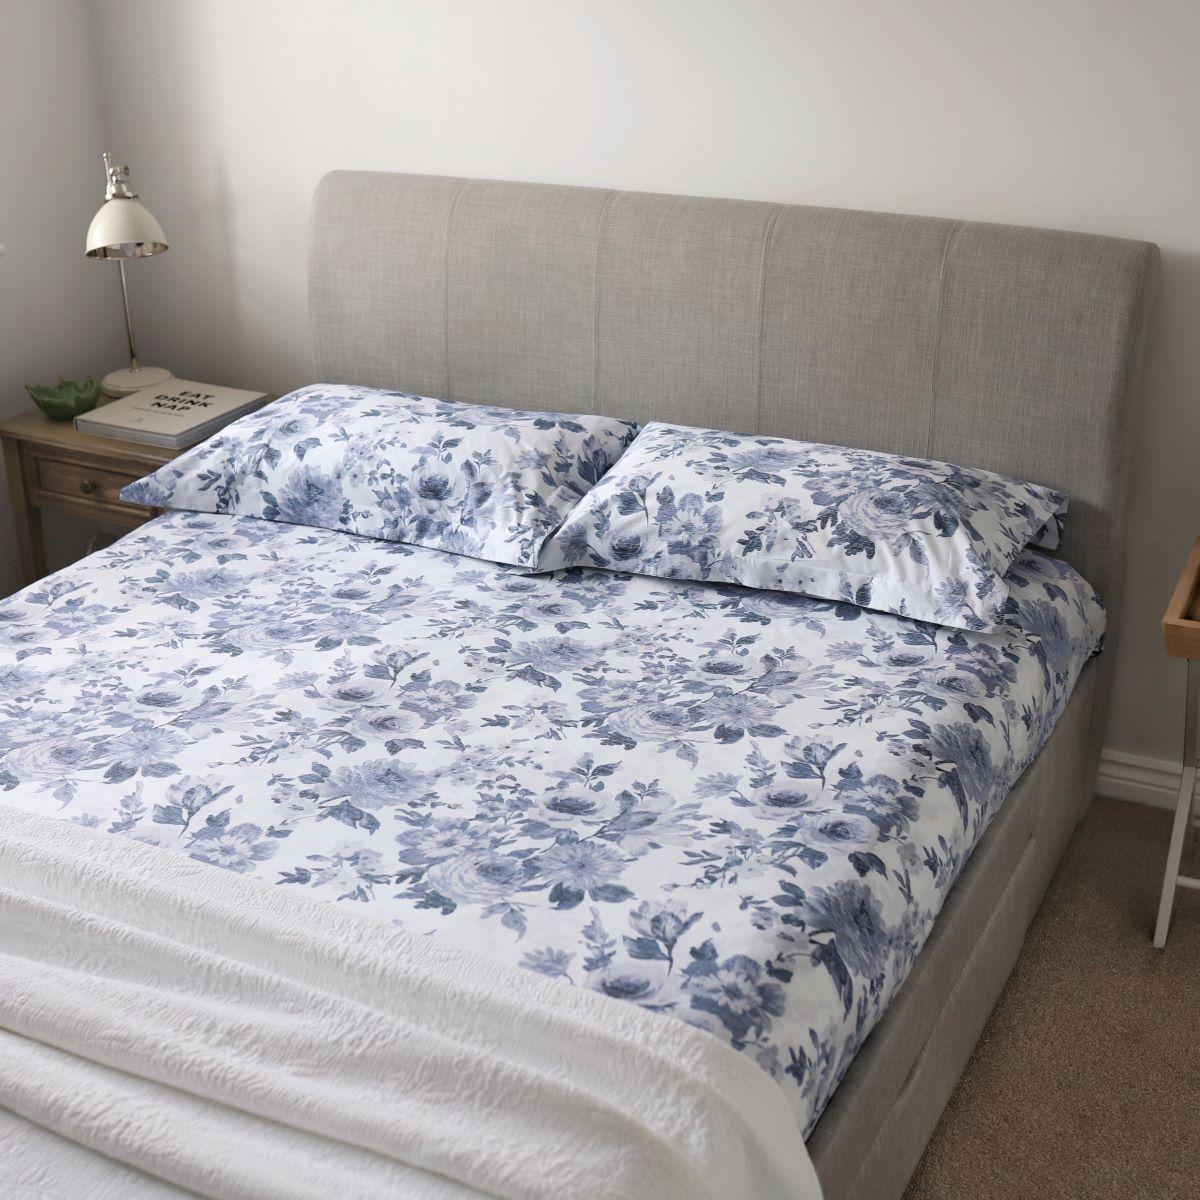 White/Blue 200TC Floral Cotton King Size Duvet Cover